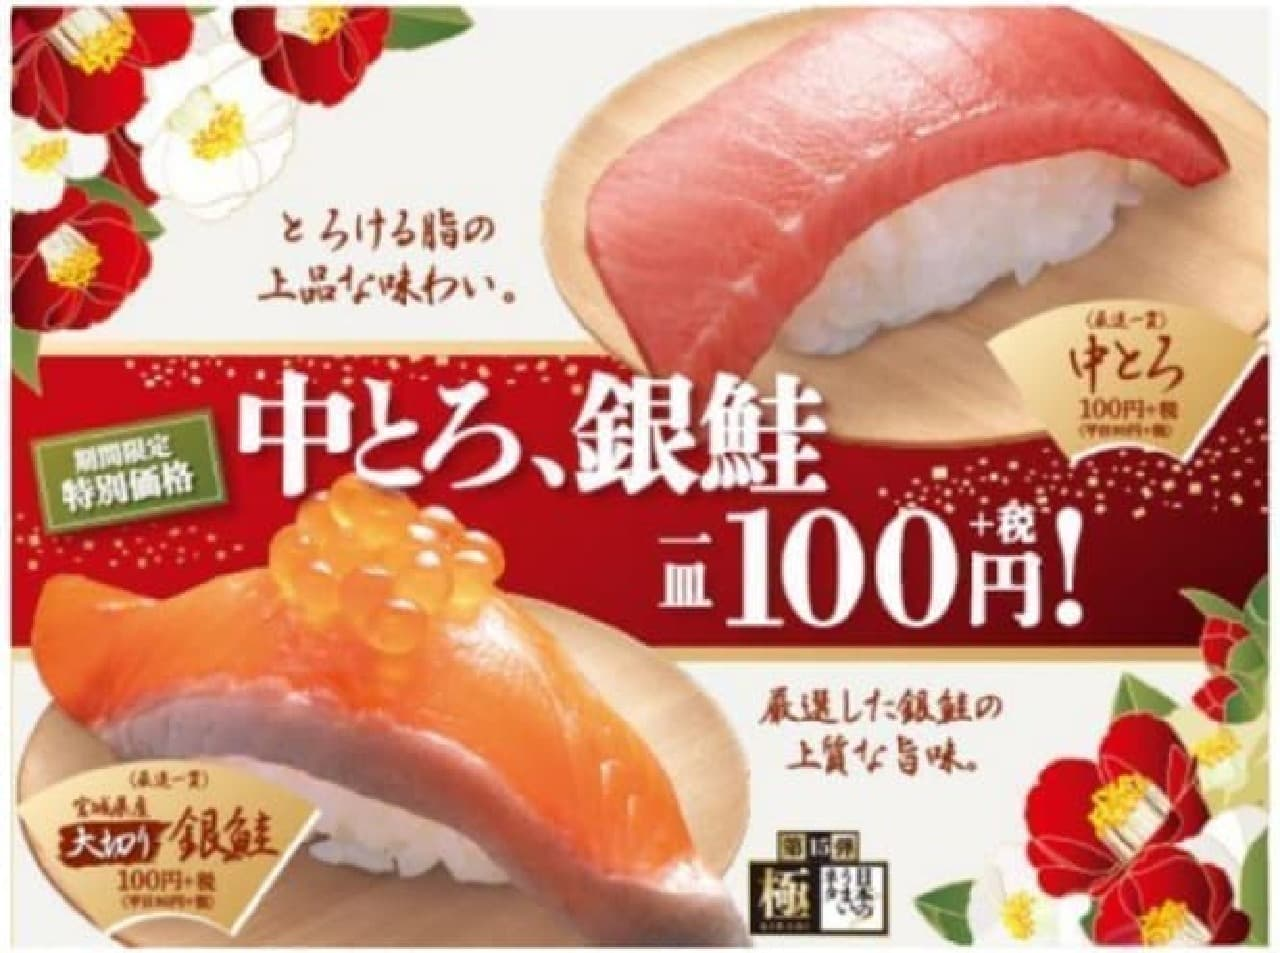 はま寿司「中とろ!銀鮭!冬の豪華特選」フェア